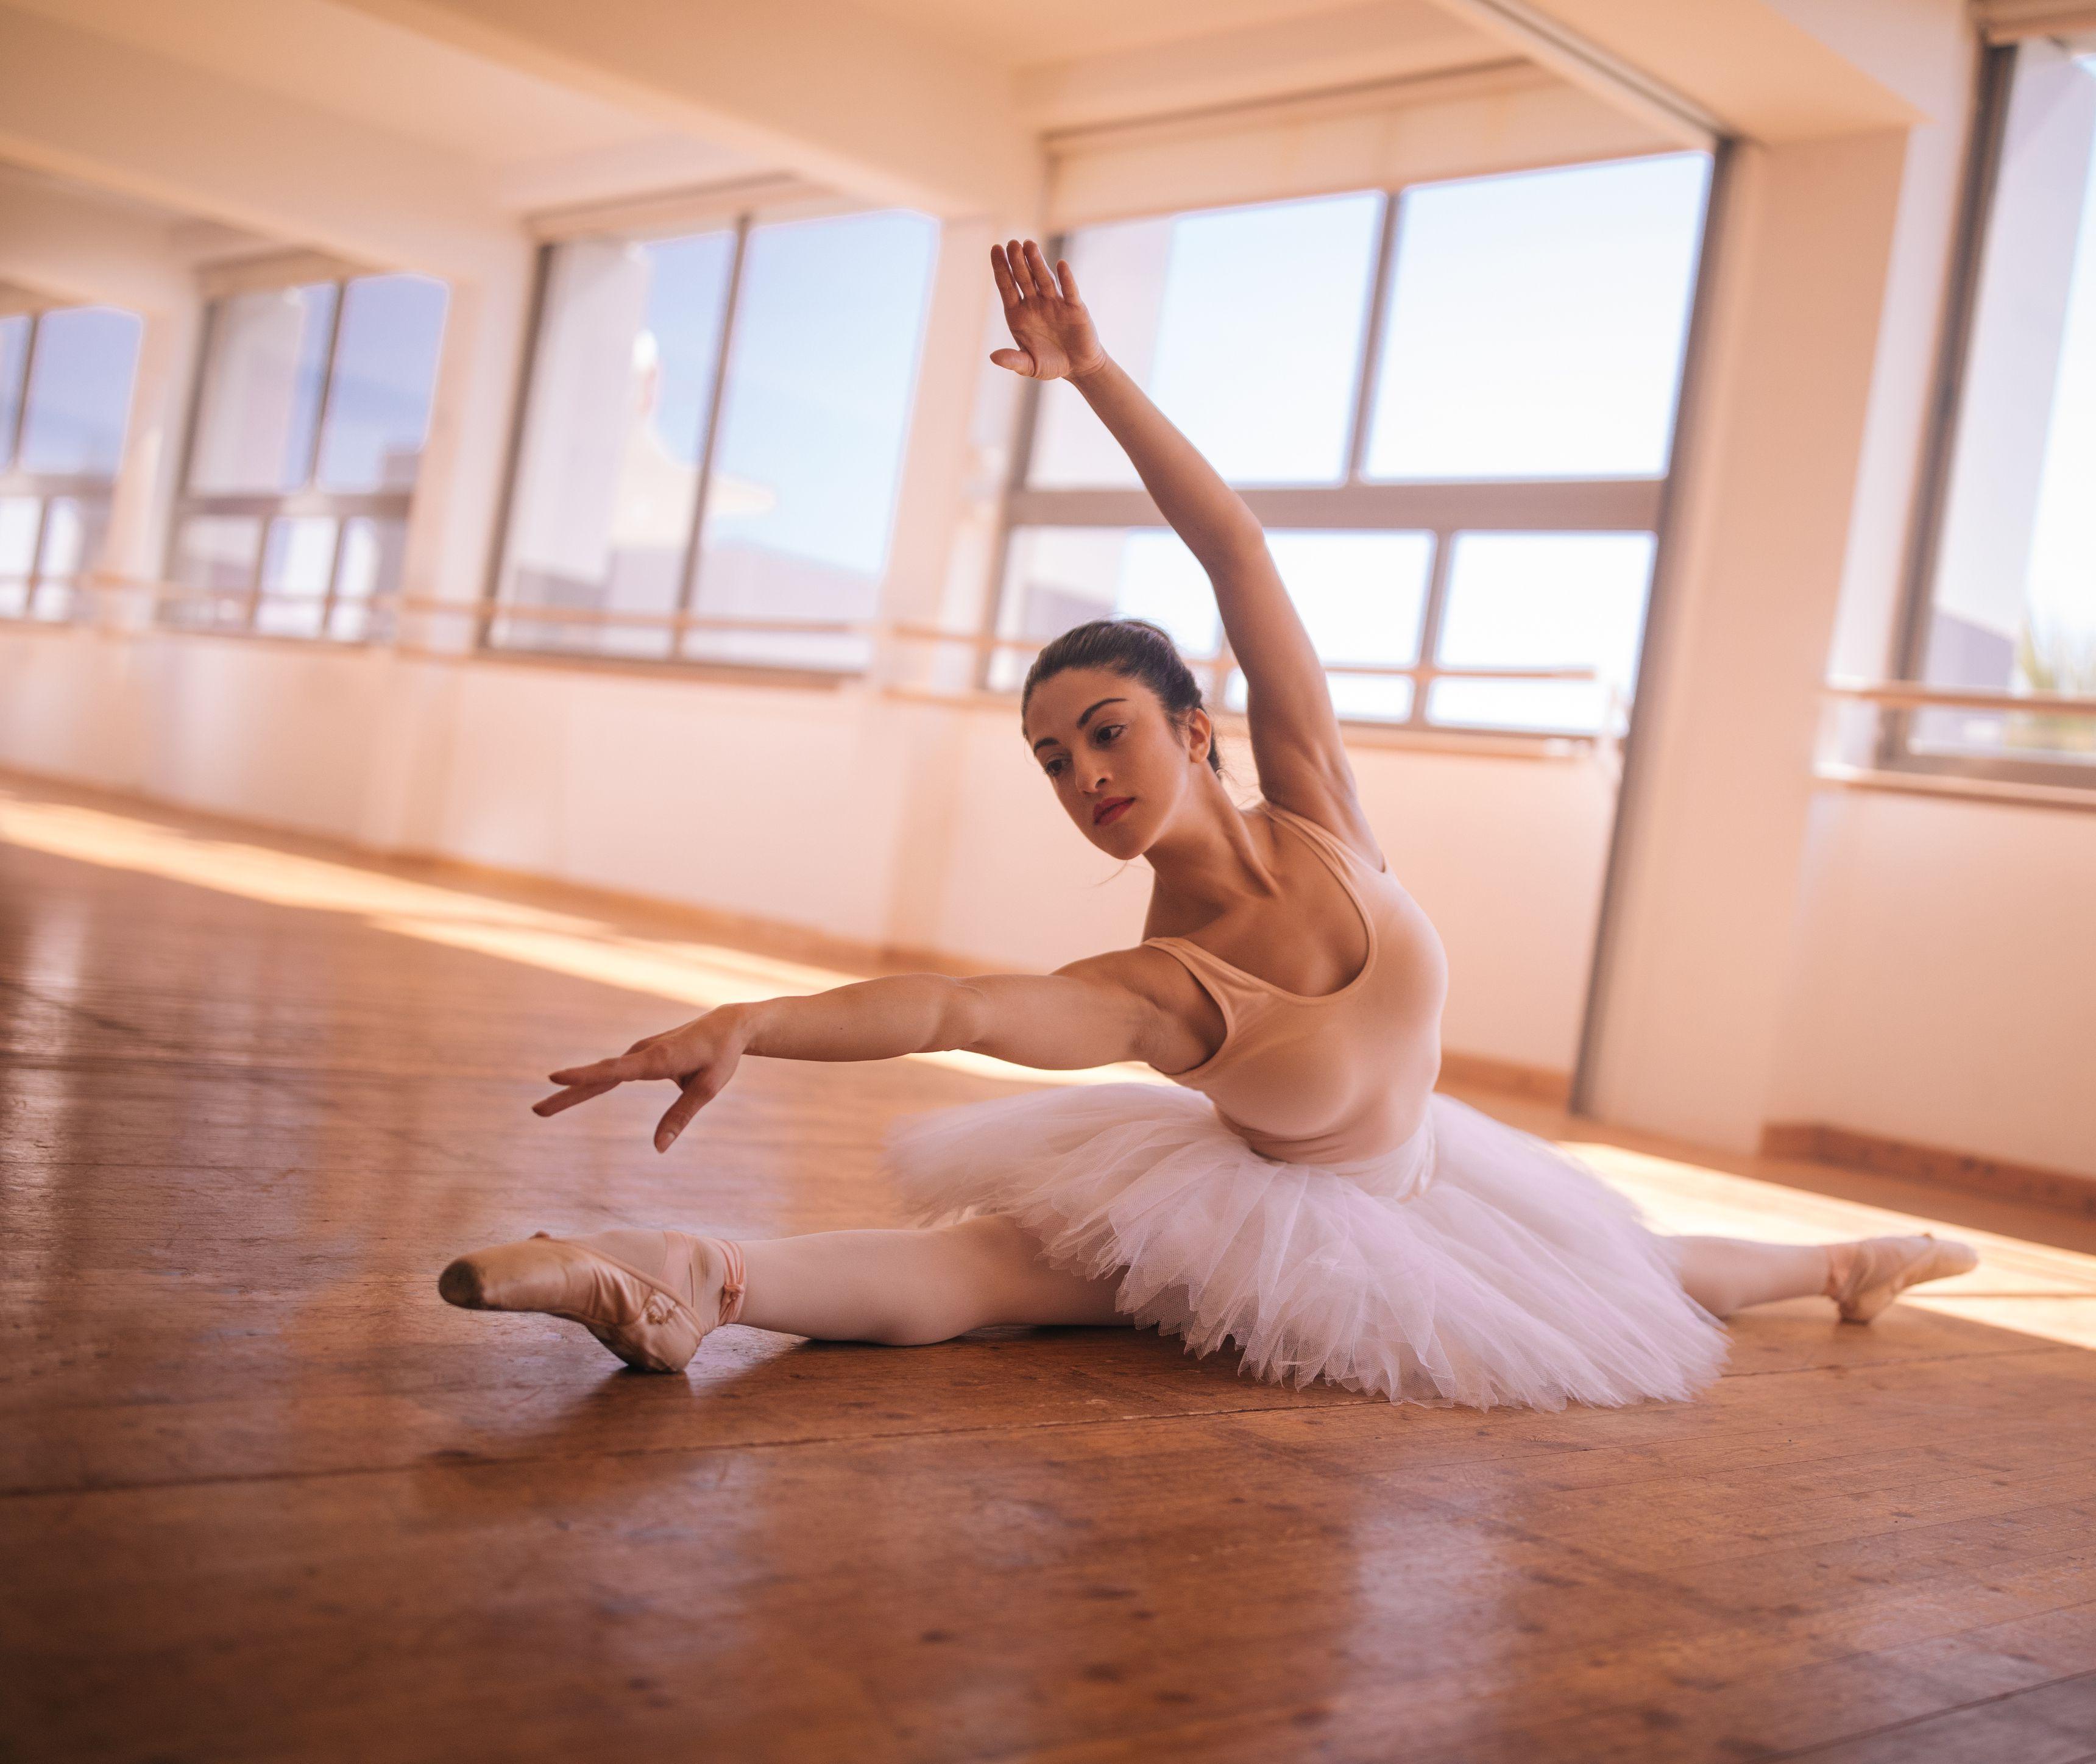 невероятно гибкие балерины странно